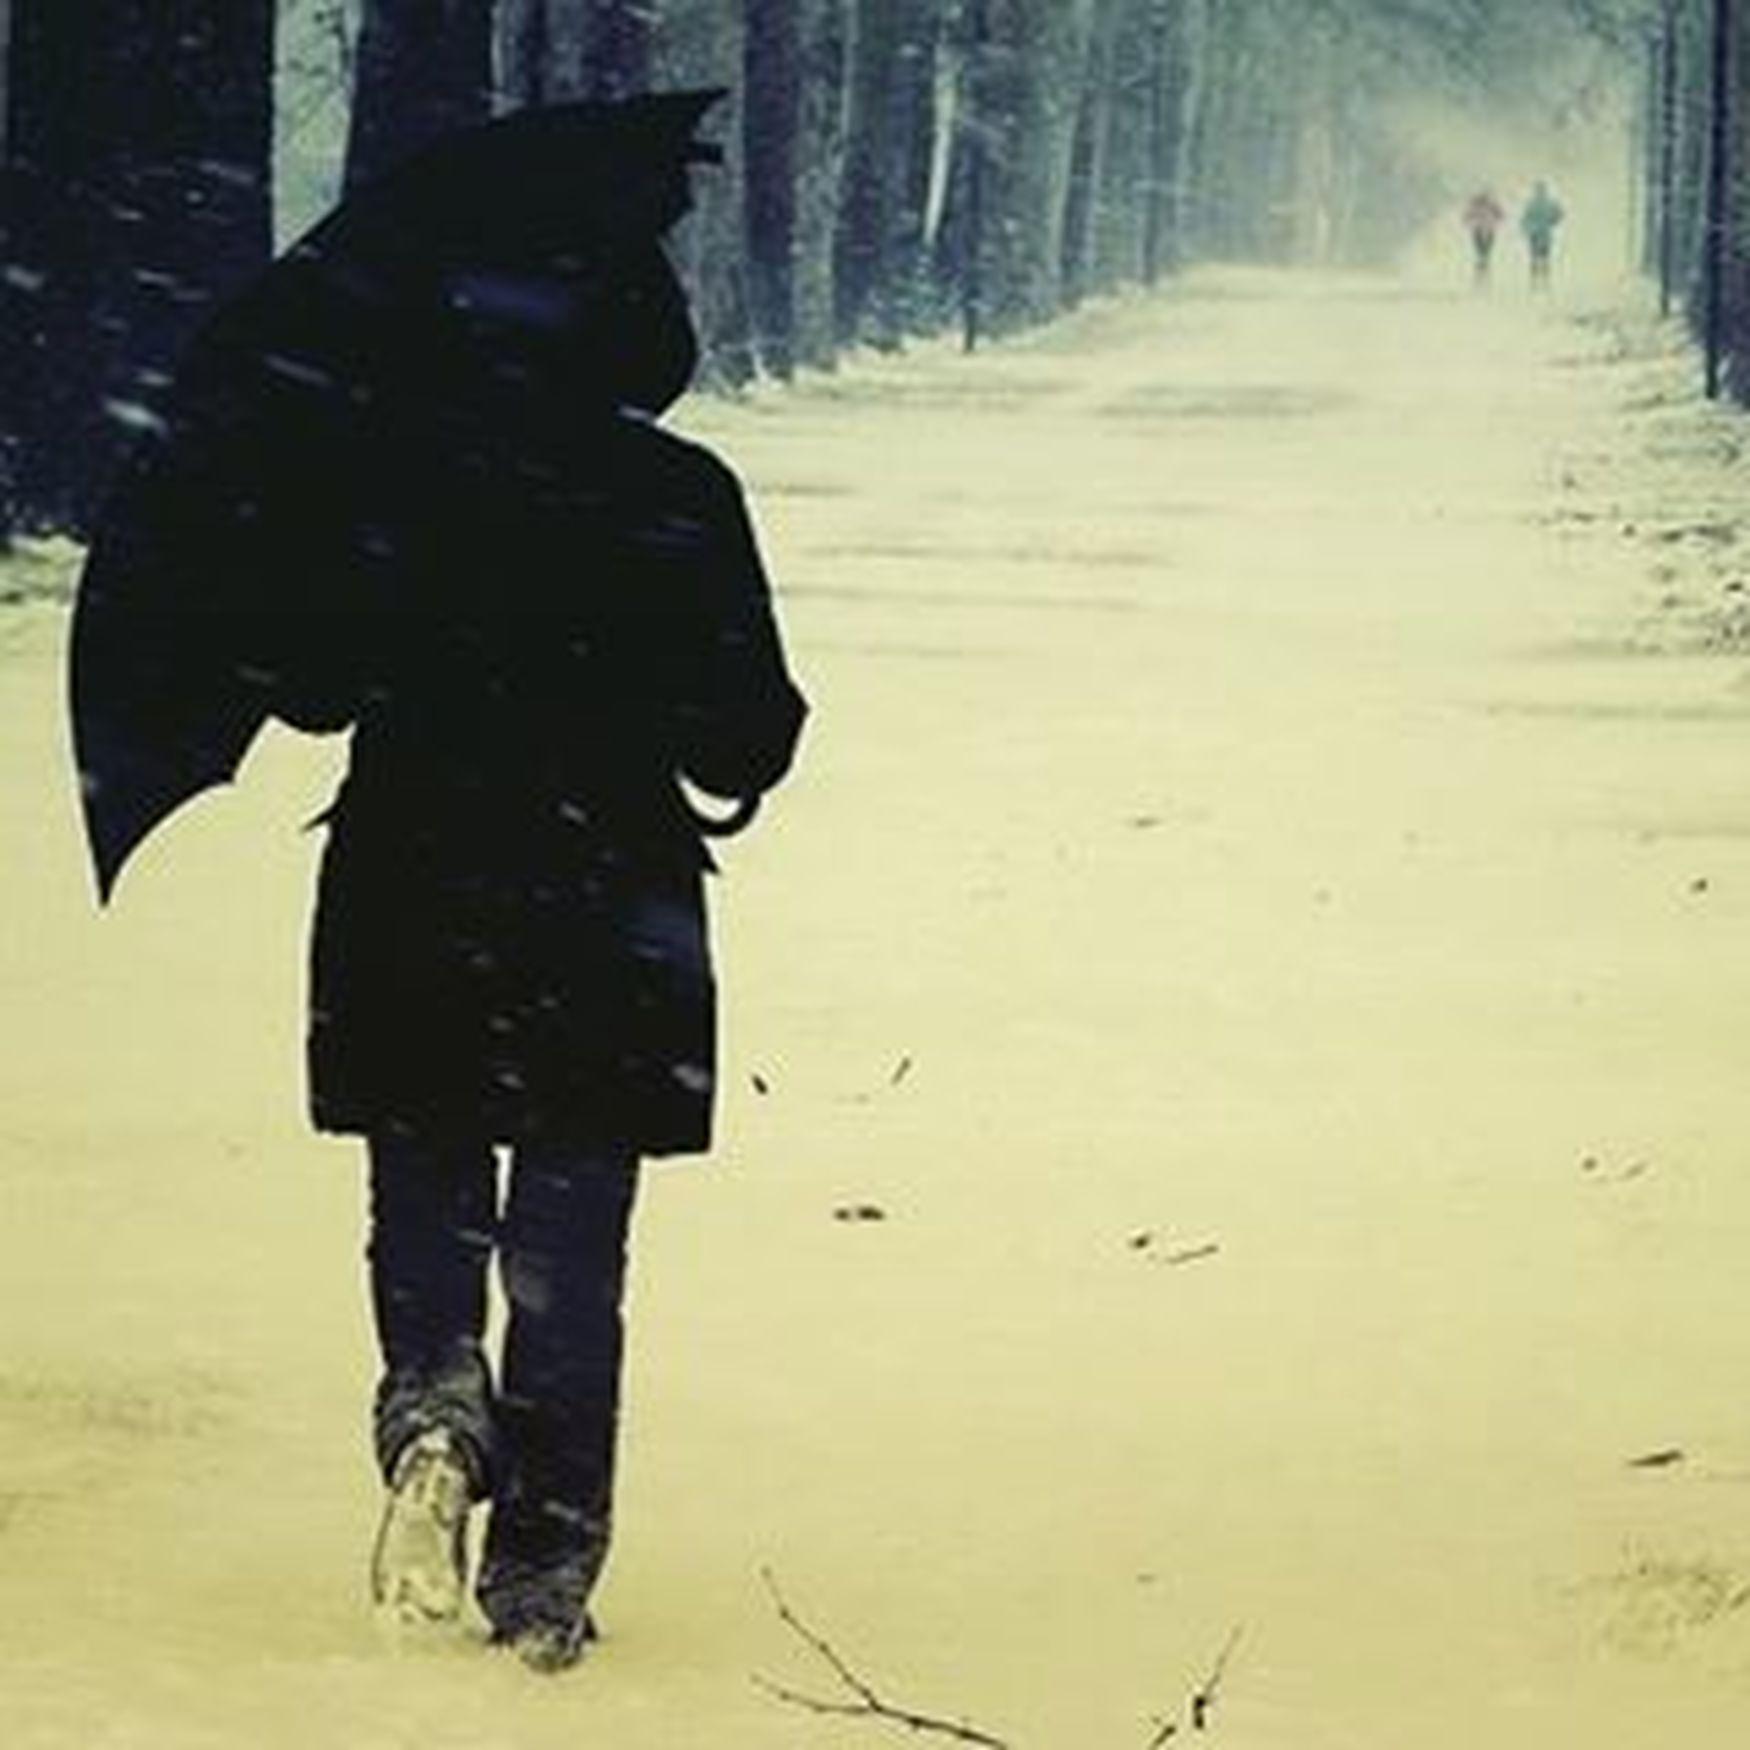 Dovremmo imparare dalla Neve a entrare nella Vita degli altri con quella grazia e quella capacità di stendere un Velo di bellezza sulle cose Passeggiaresottolaneve Ombrello Ragazzoconombrello Passeggiandoalparco Parcoruffini Torino Secondanevedimarzo Freddo Nevischio Natura